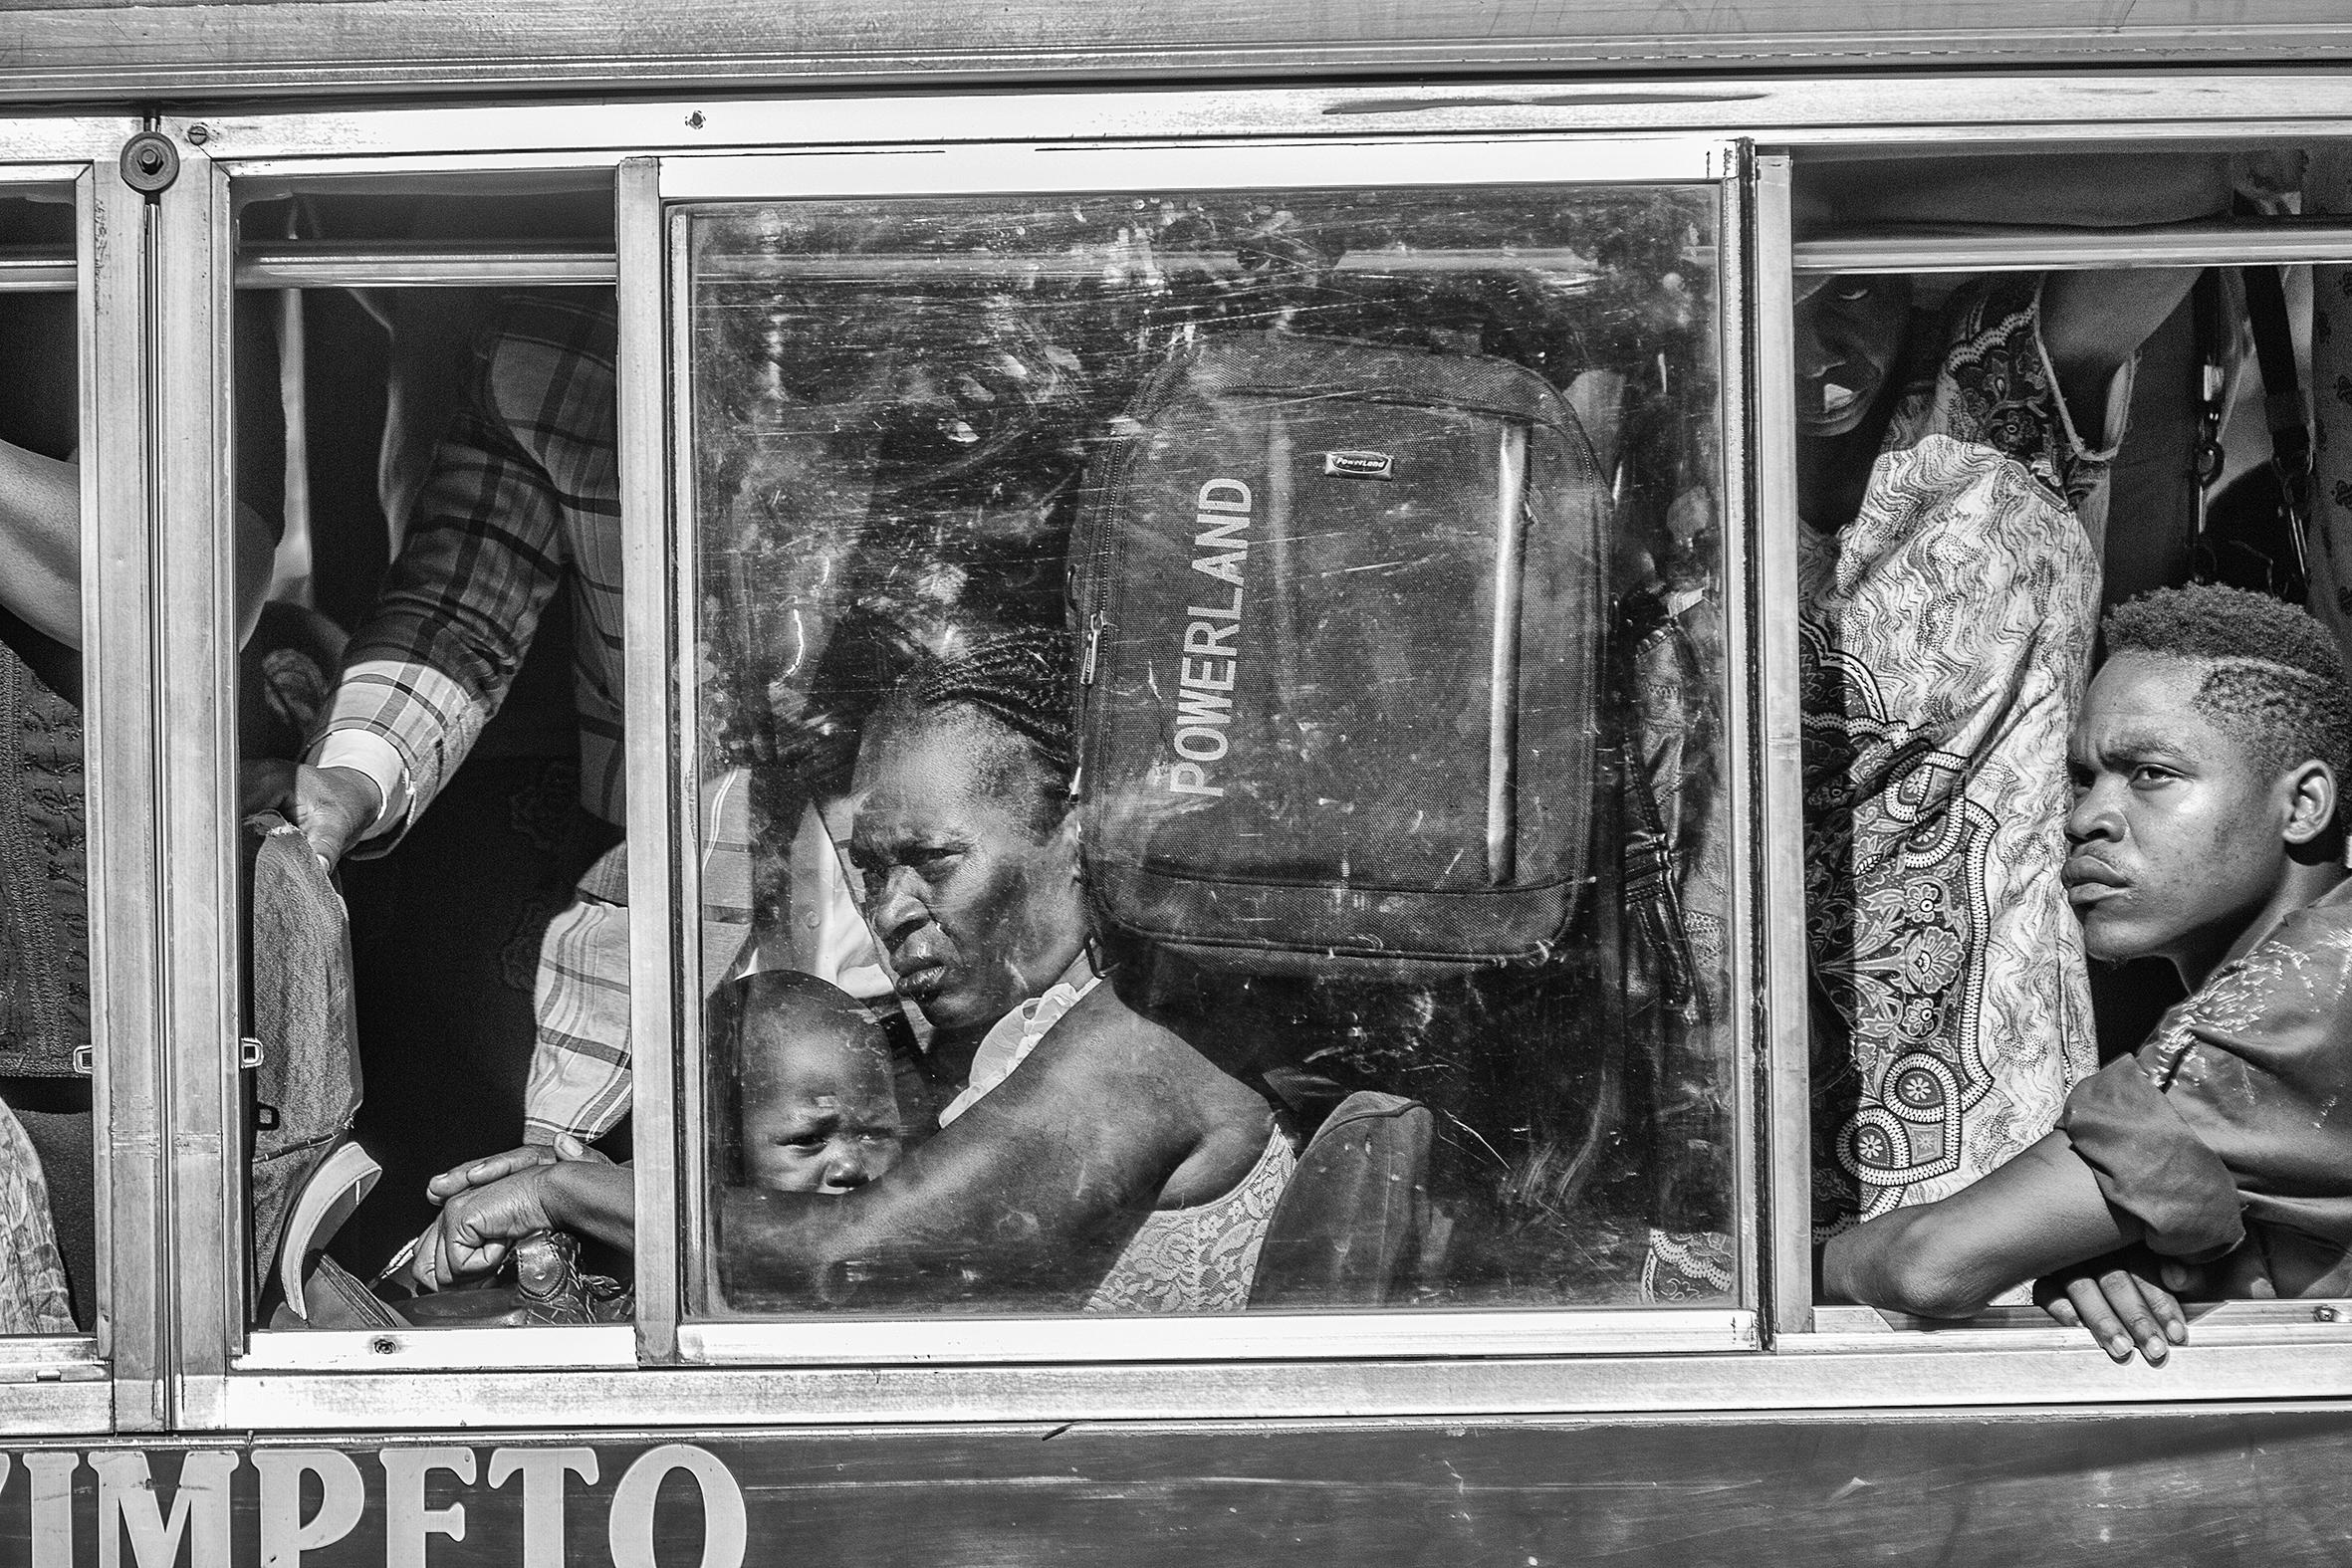 ©Mauro Vombe, Passengers. 016.jpg